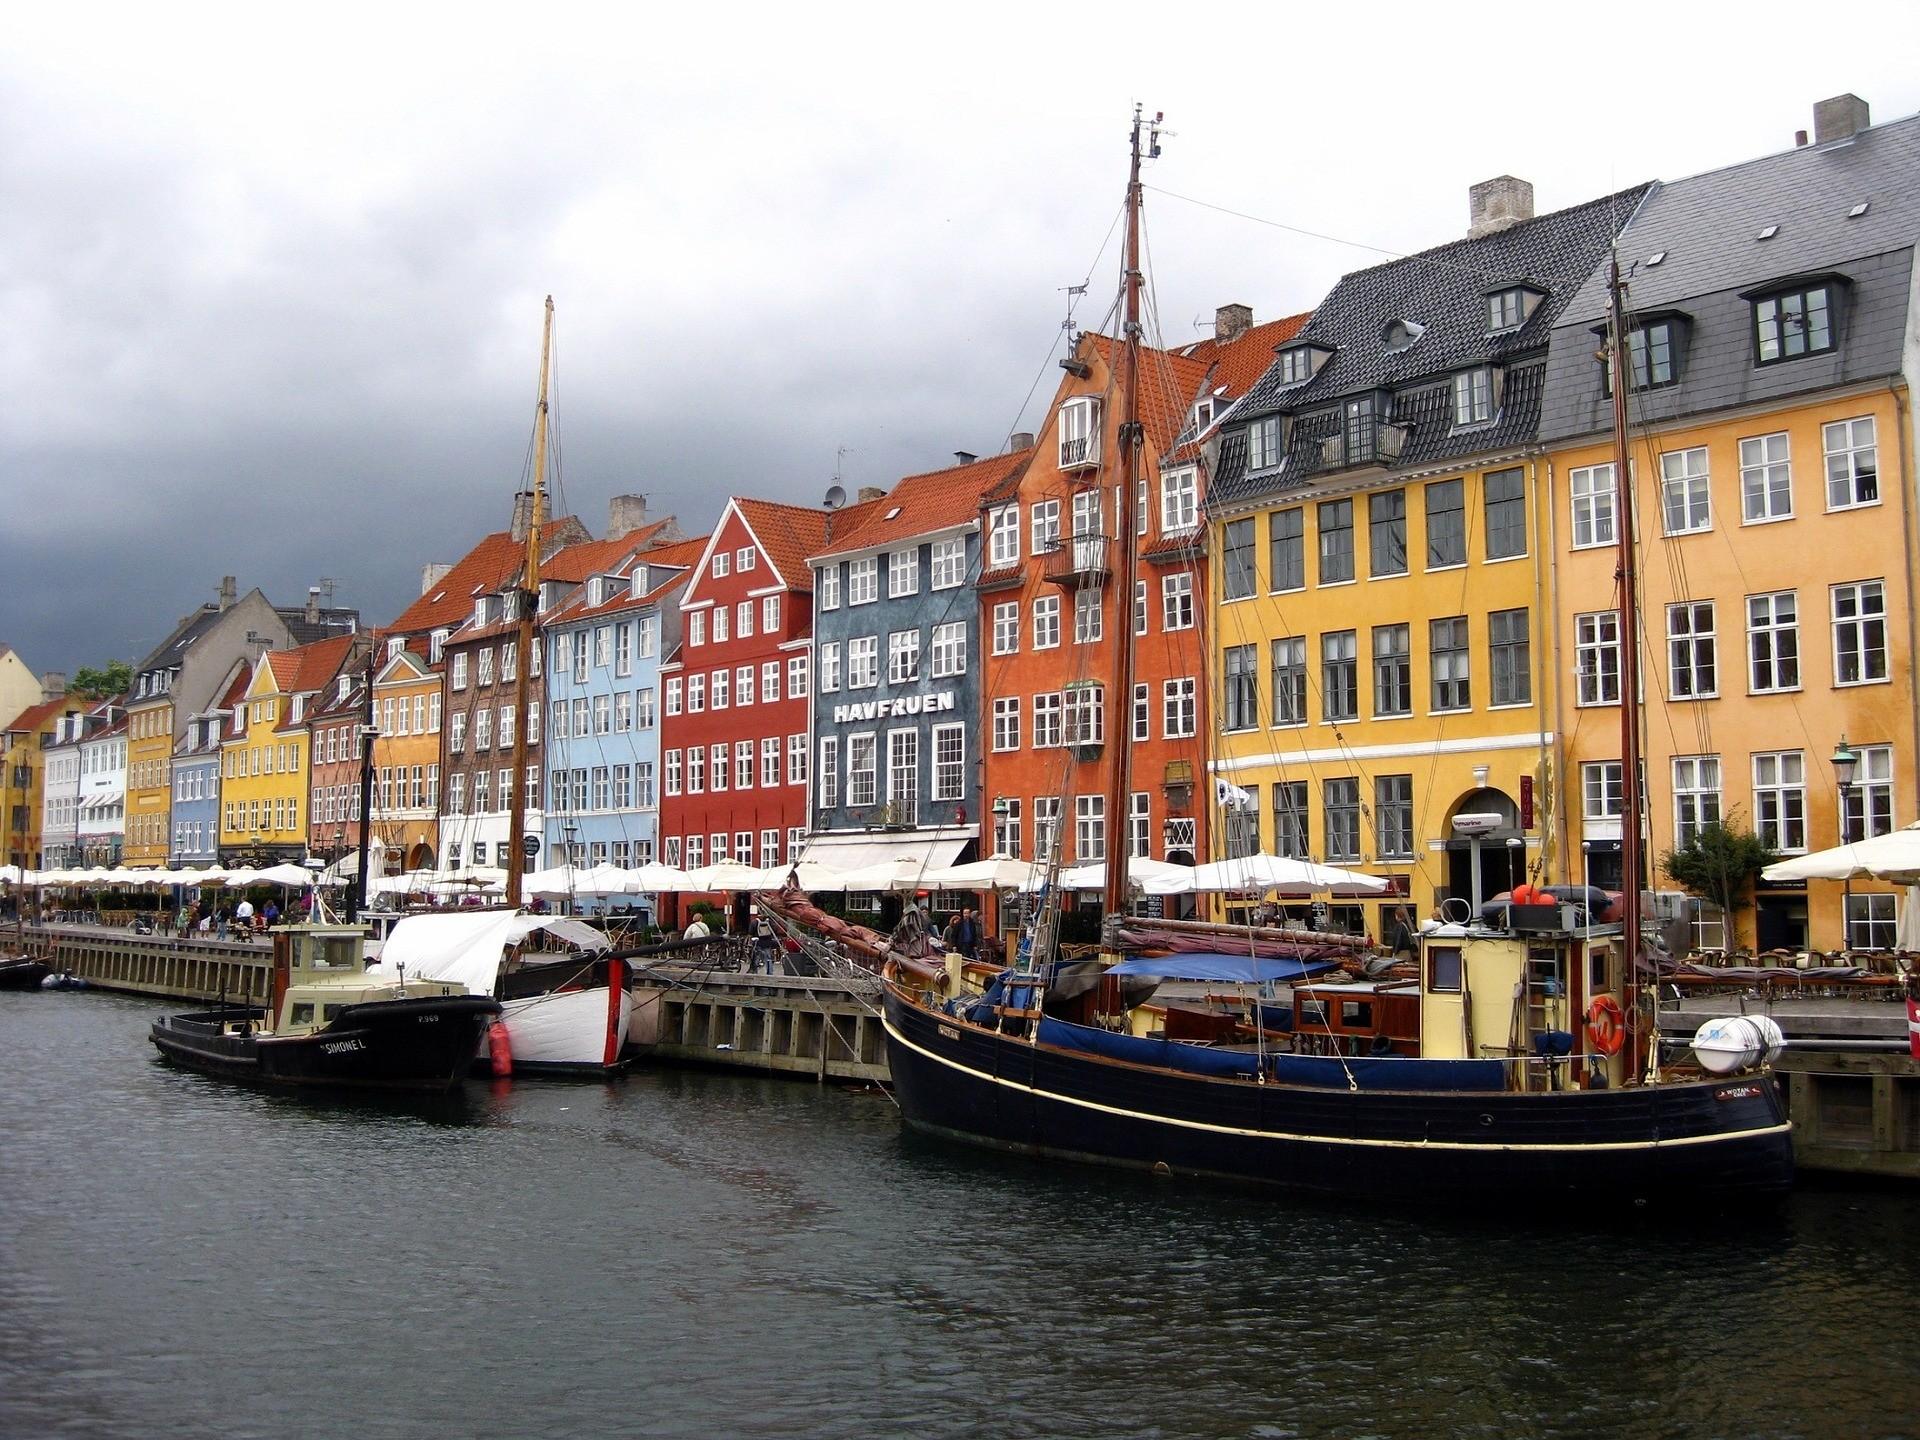 Expérience à Roskilde, Danemark par Josefine